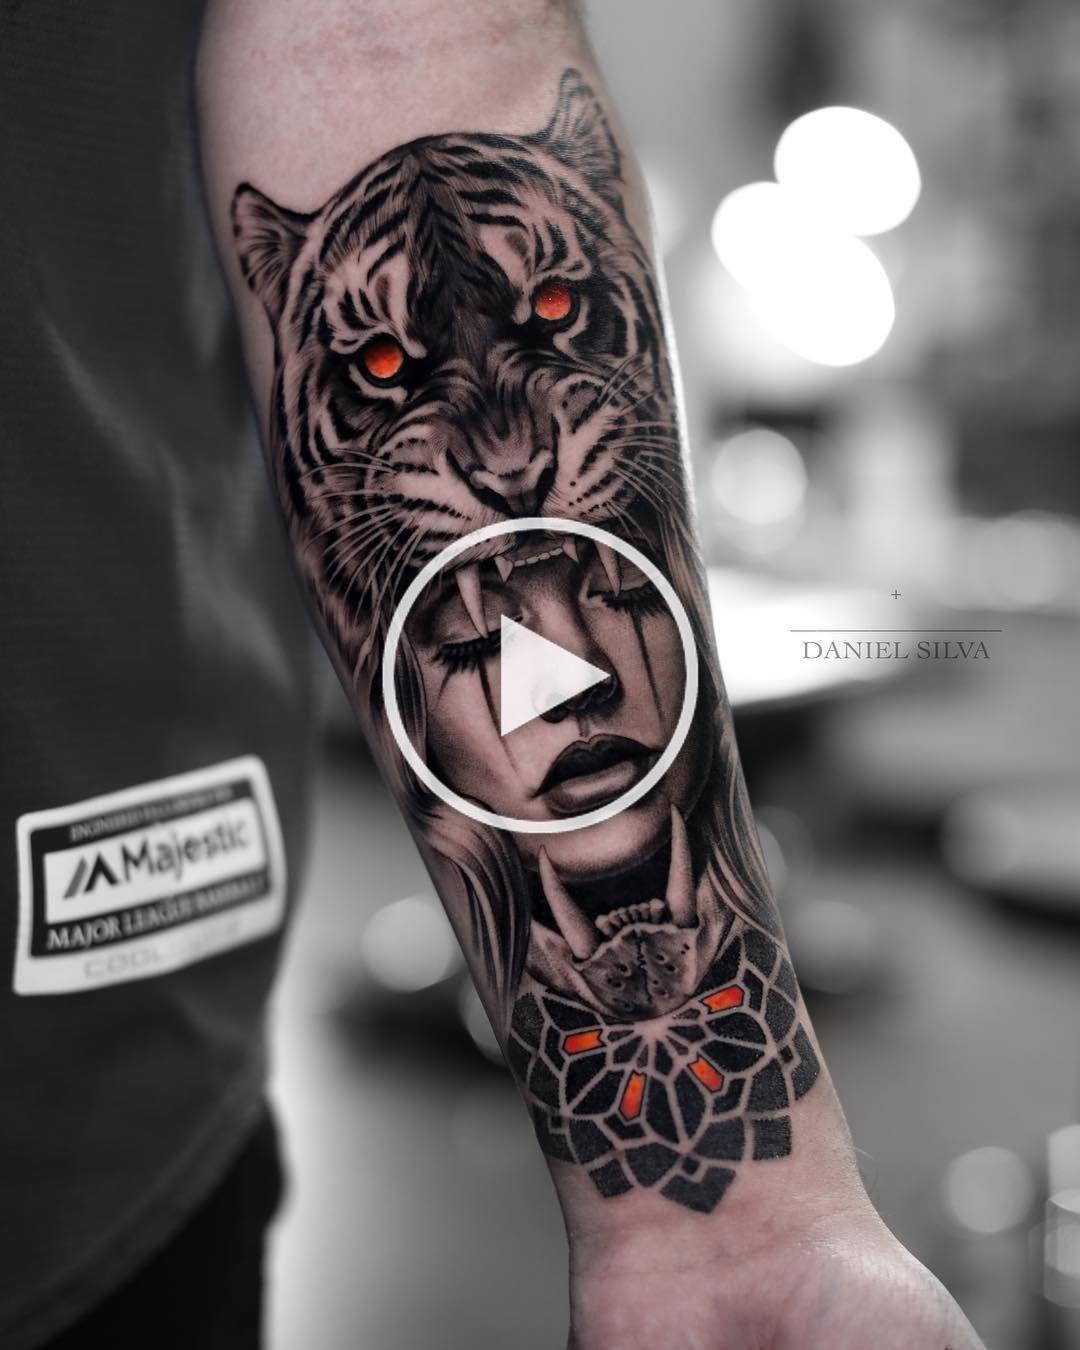 Daniel Silva Tattoo Style